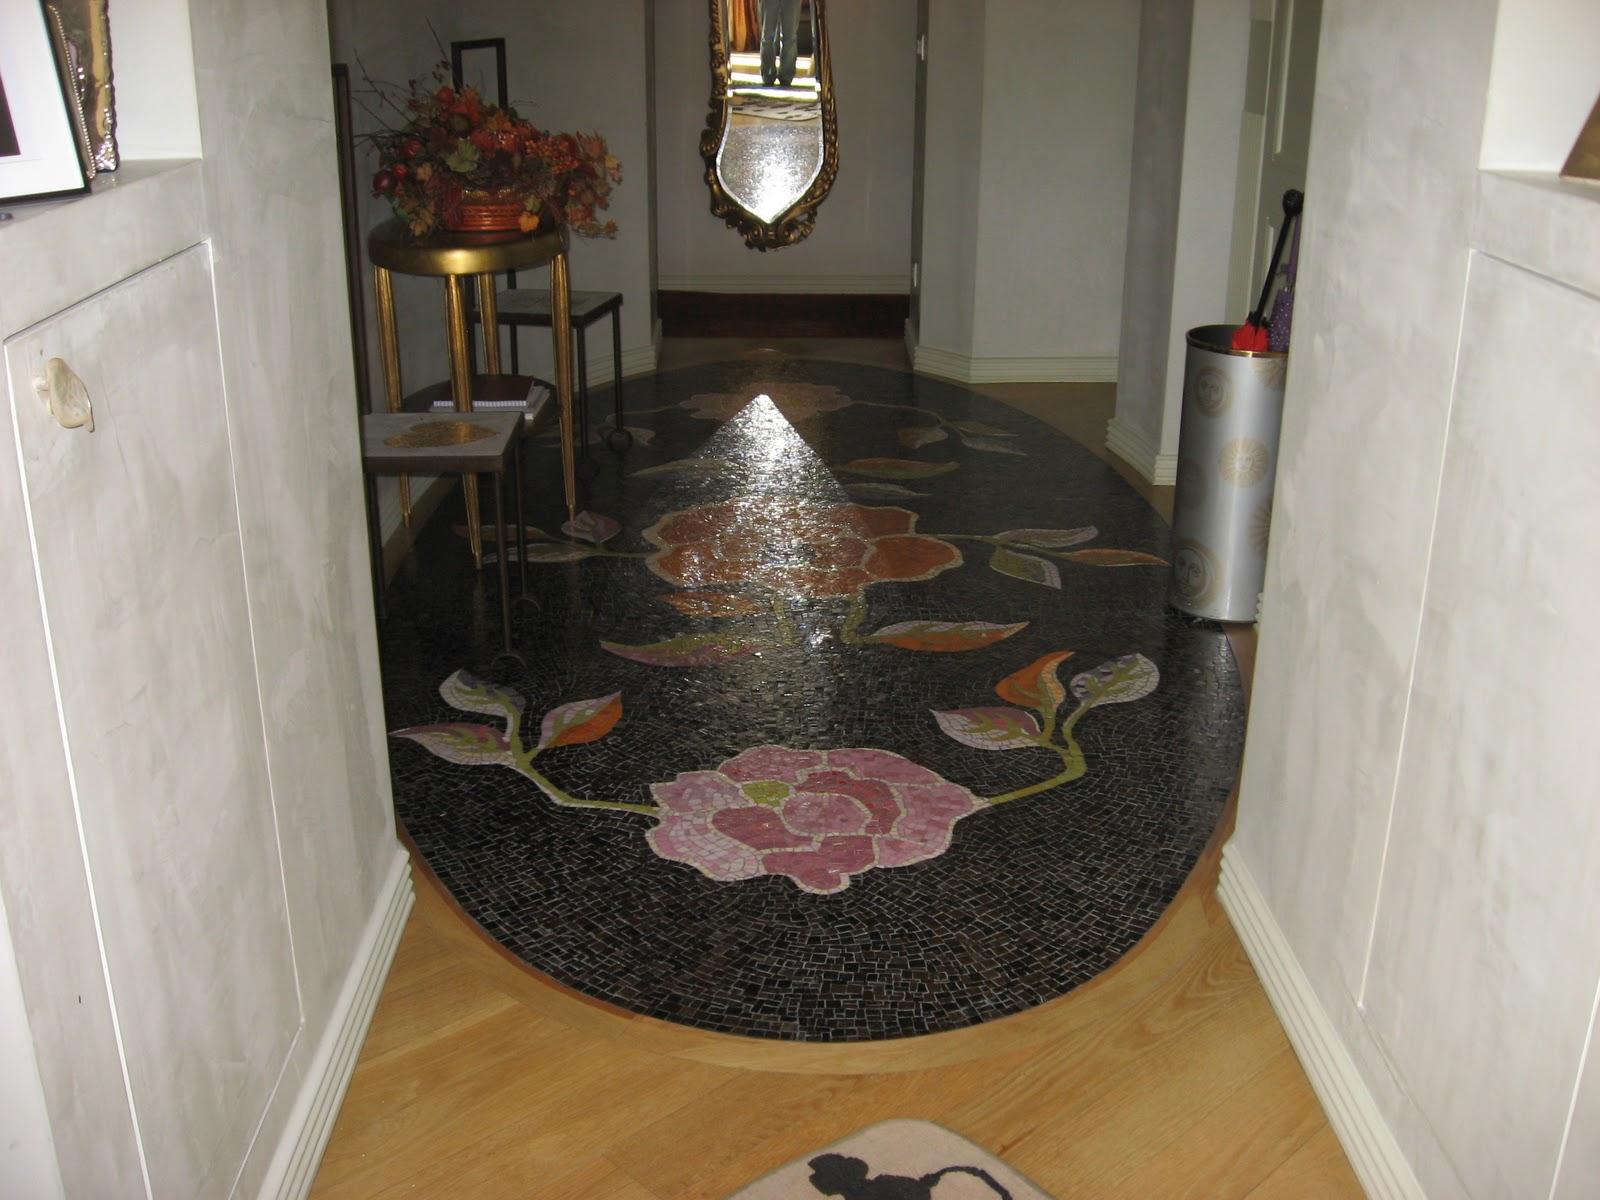 Pietre e colori tappeto di foglie in mosaico - Tappeto ingresso ...